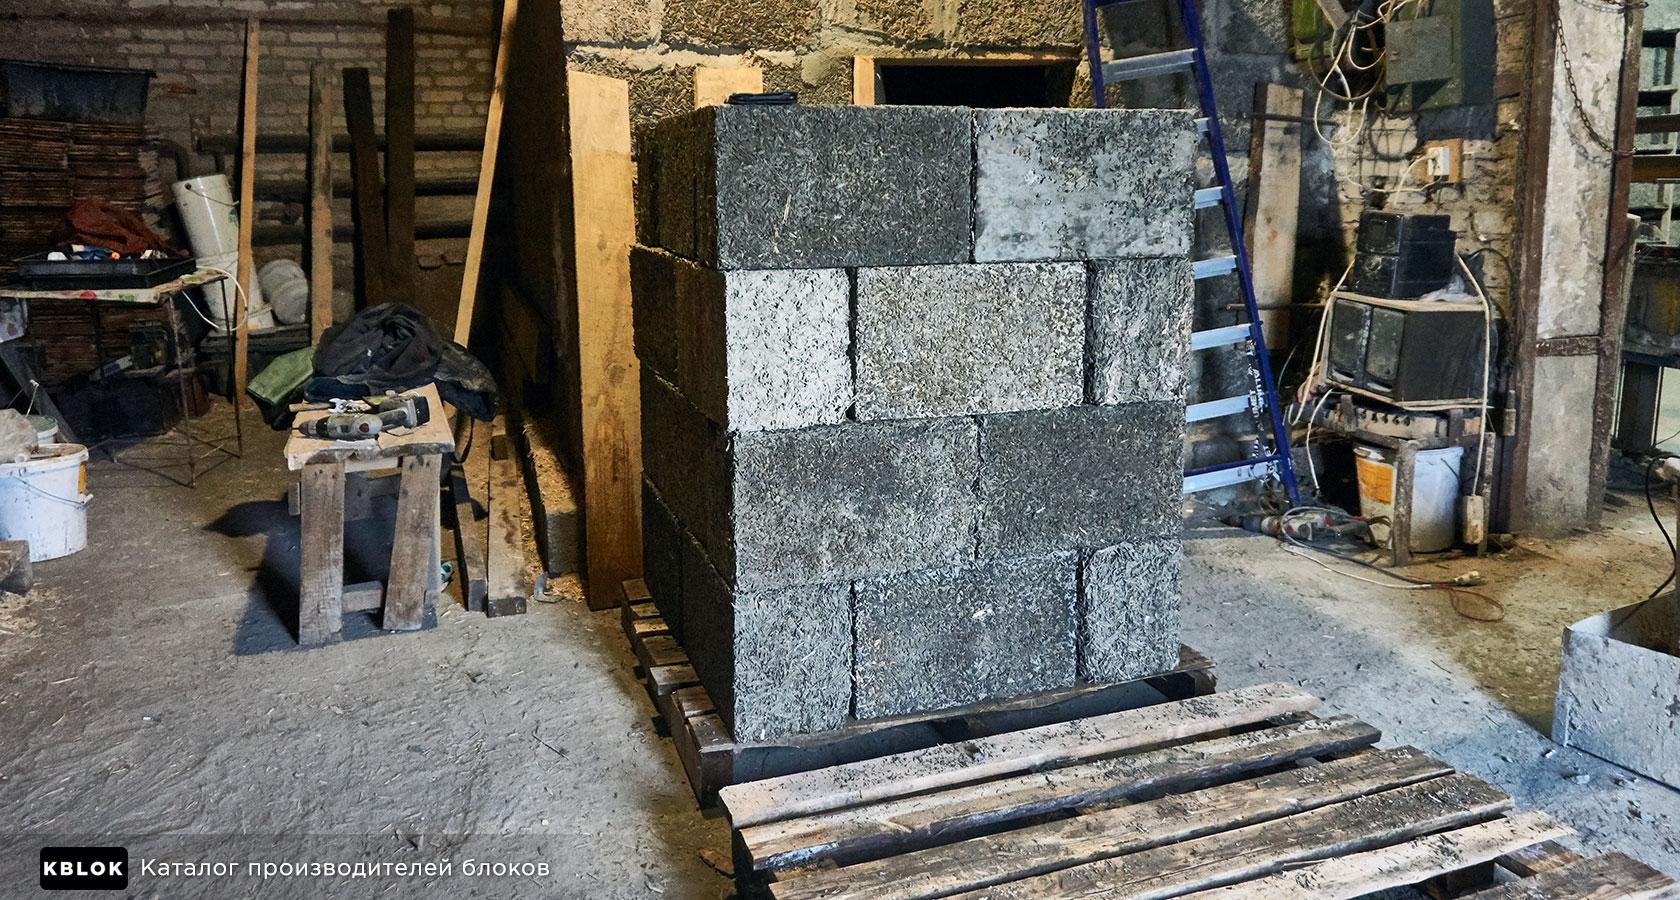 Складирование блоков на поддоны